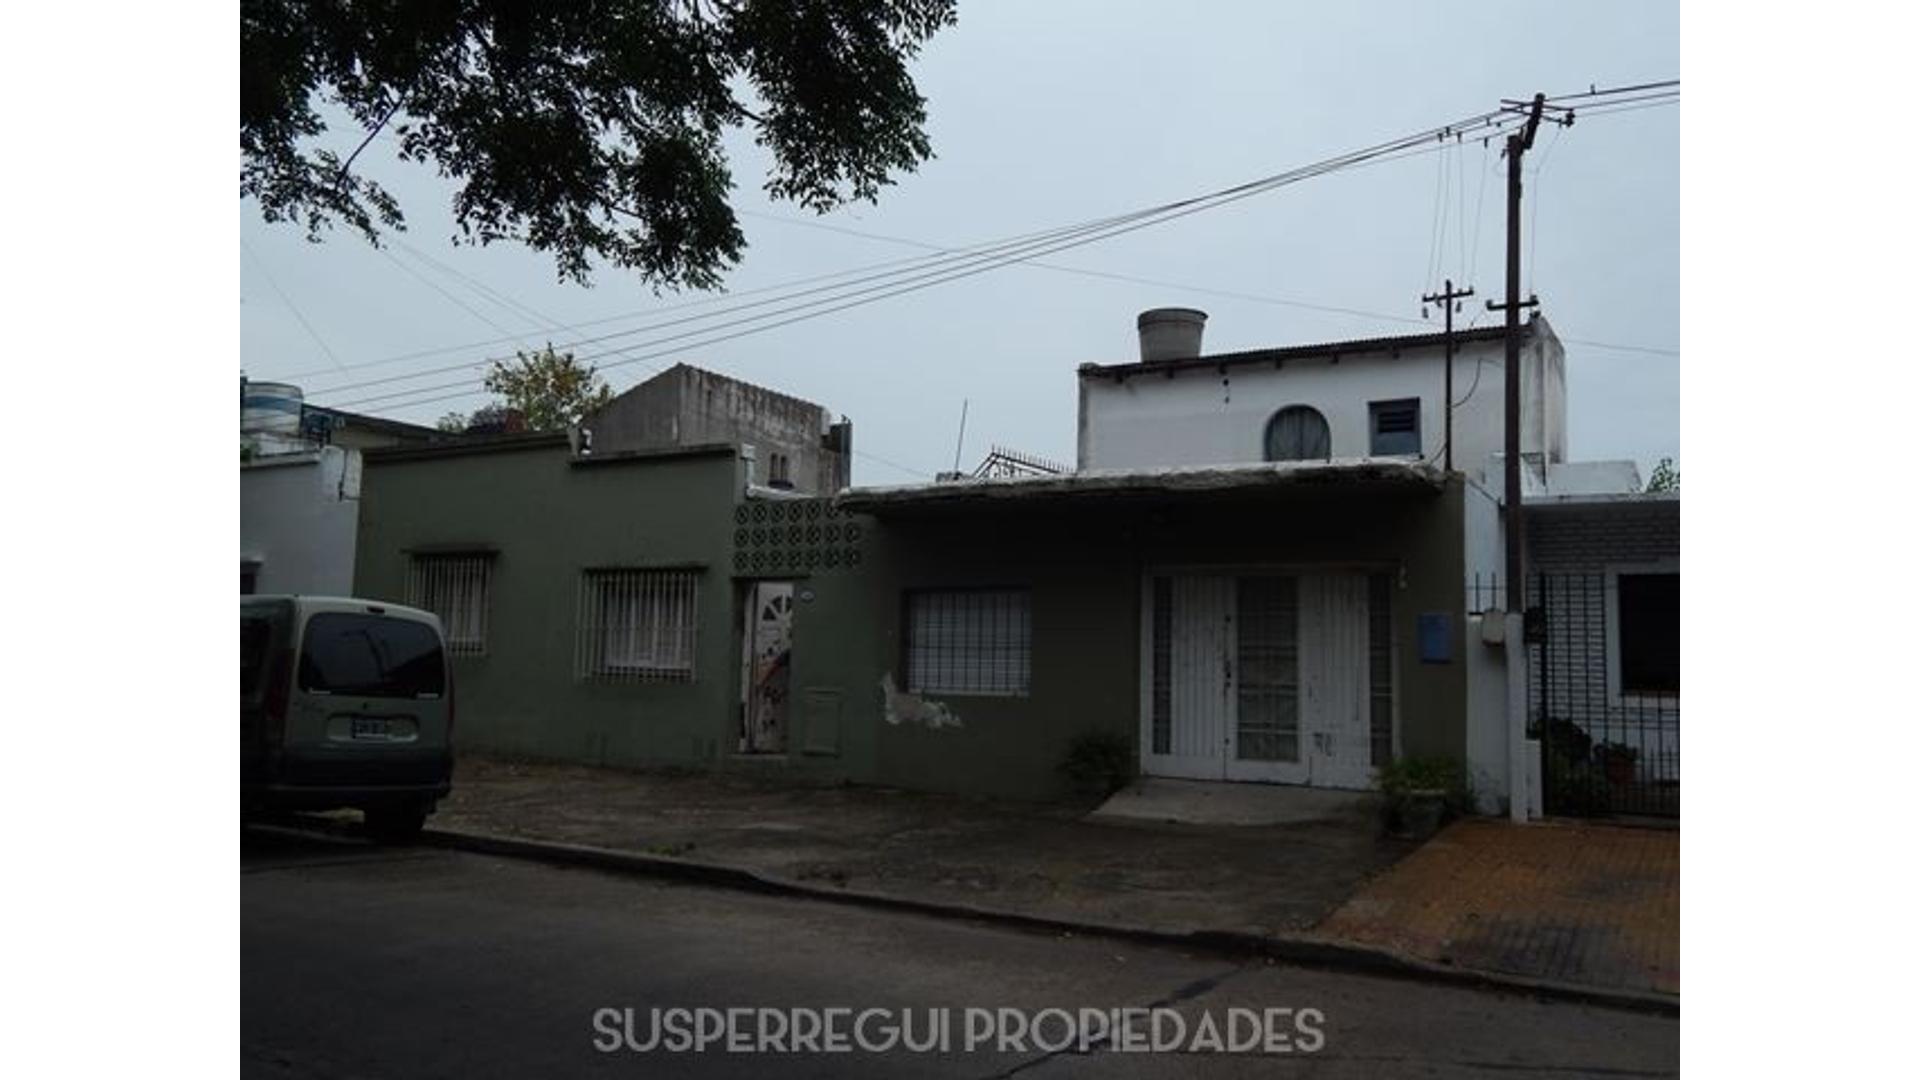 Casa de 2 Dormitorios con Lote Propio de 135 m2 en Calle 68 e/ 29 y 30 La Plata